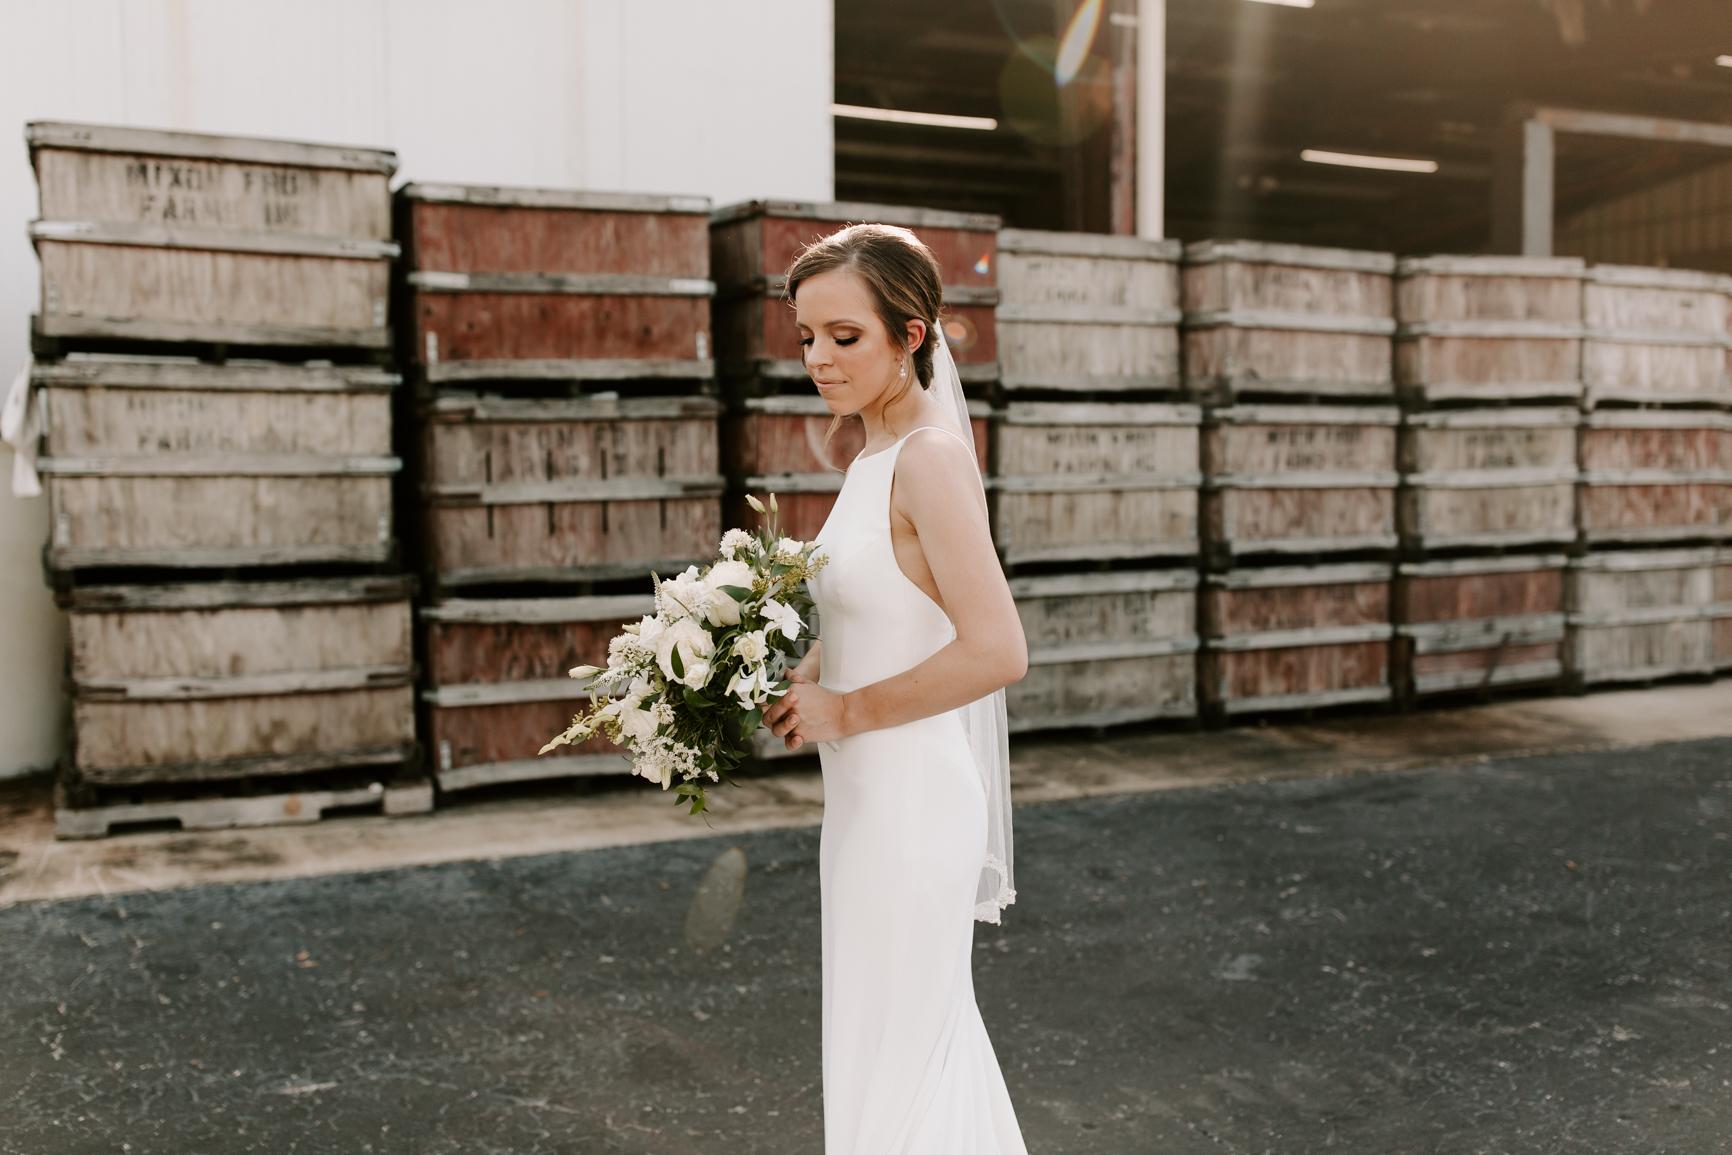 bride&groom-15.jpg